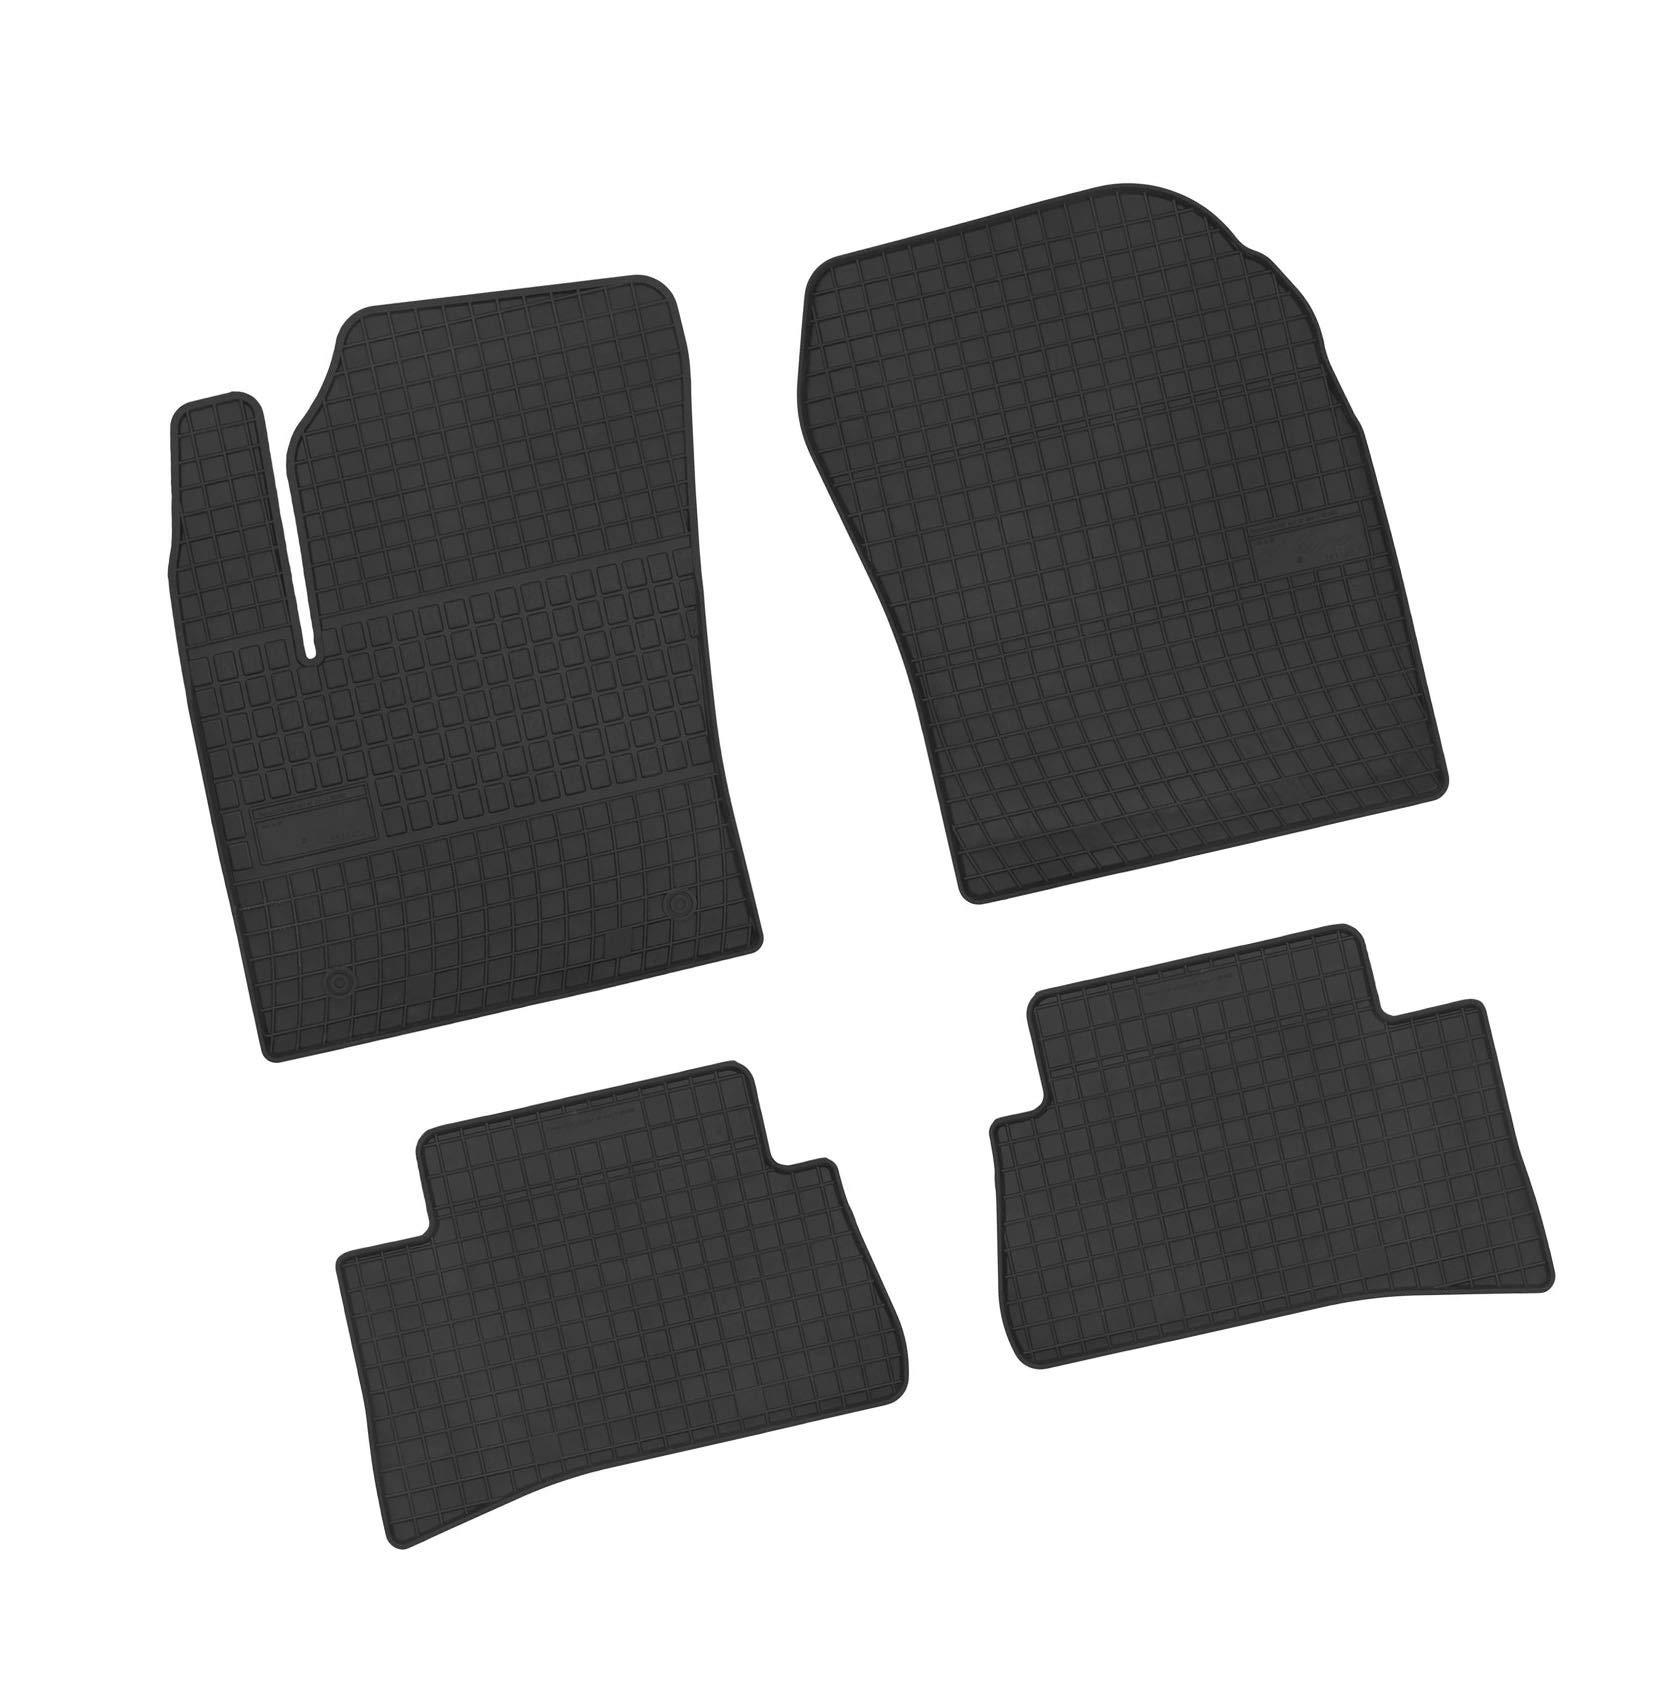 NF Velours schwarz Fußmatten passend für Renault Koleos Bj.08